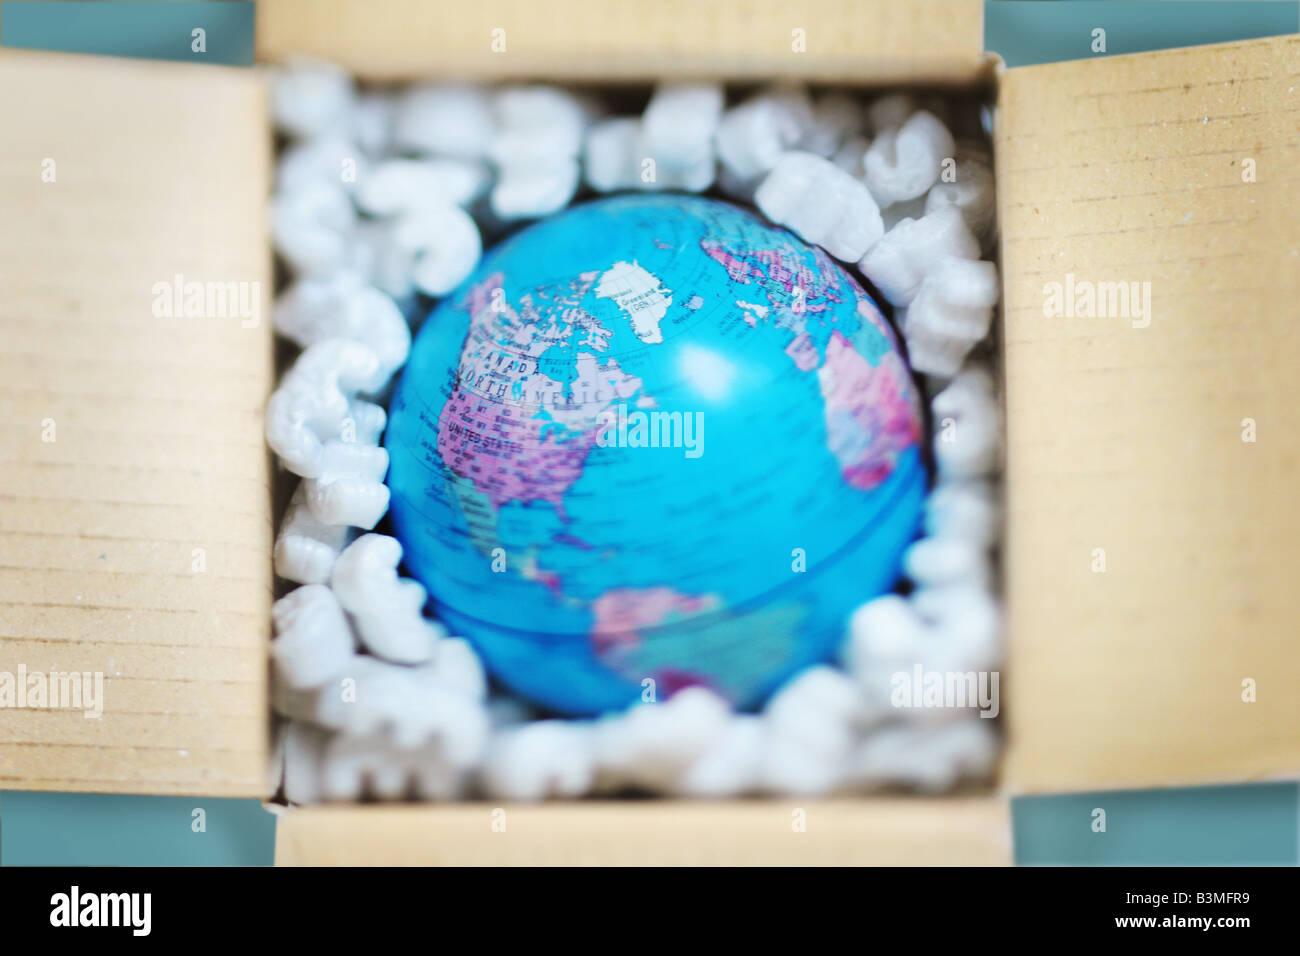 Globus in einer Schutzverpackung Stockbild